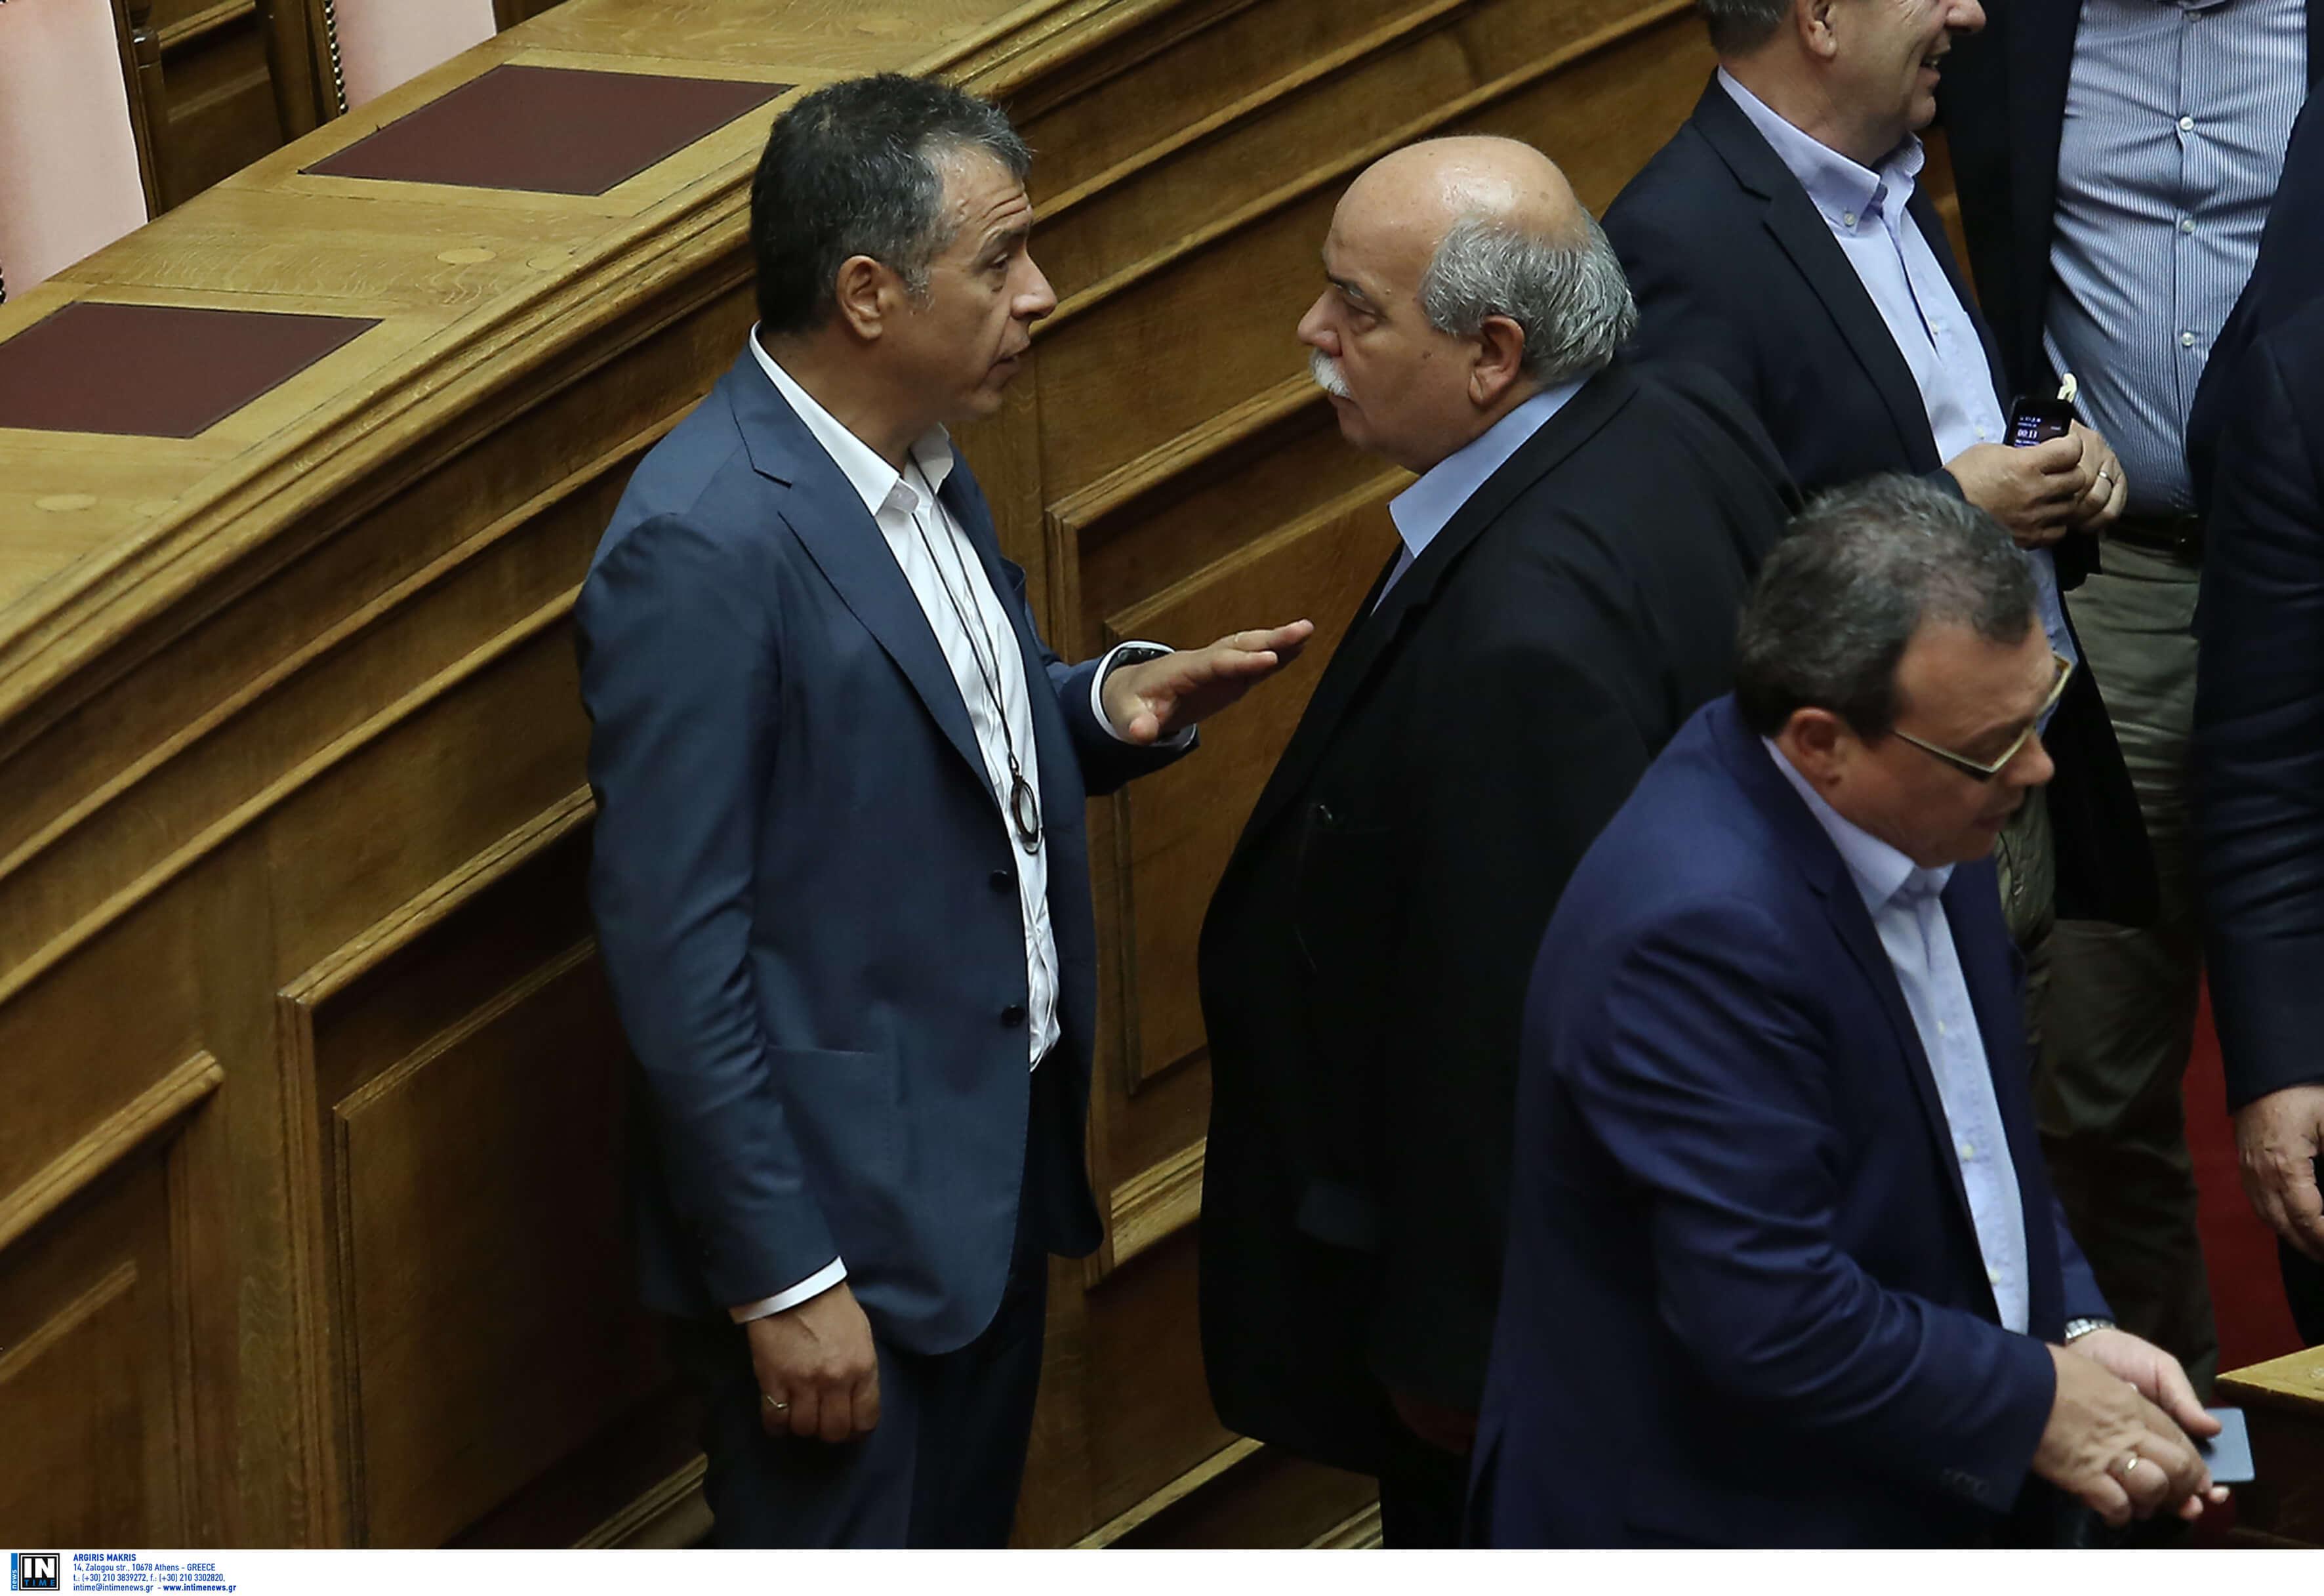 Ξανά αρχηγός κόμματος ο Σταύρος Θεοδωράκης